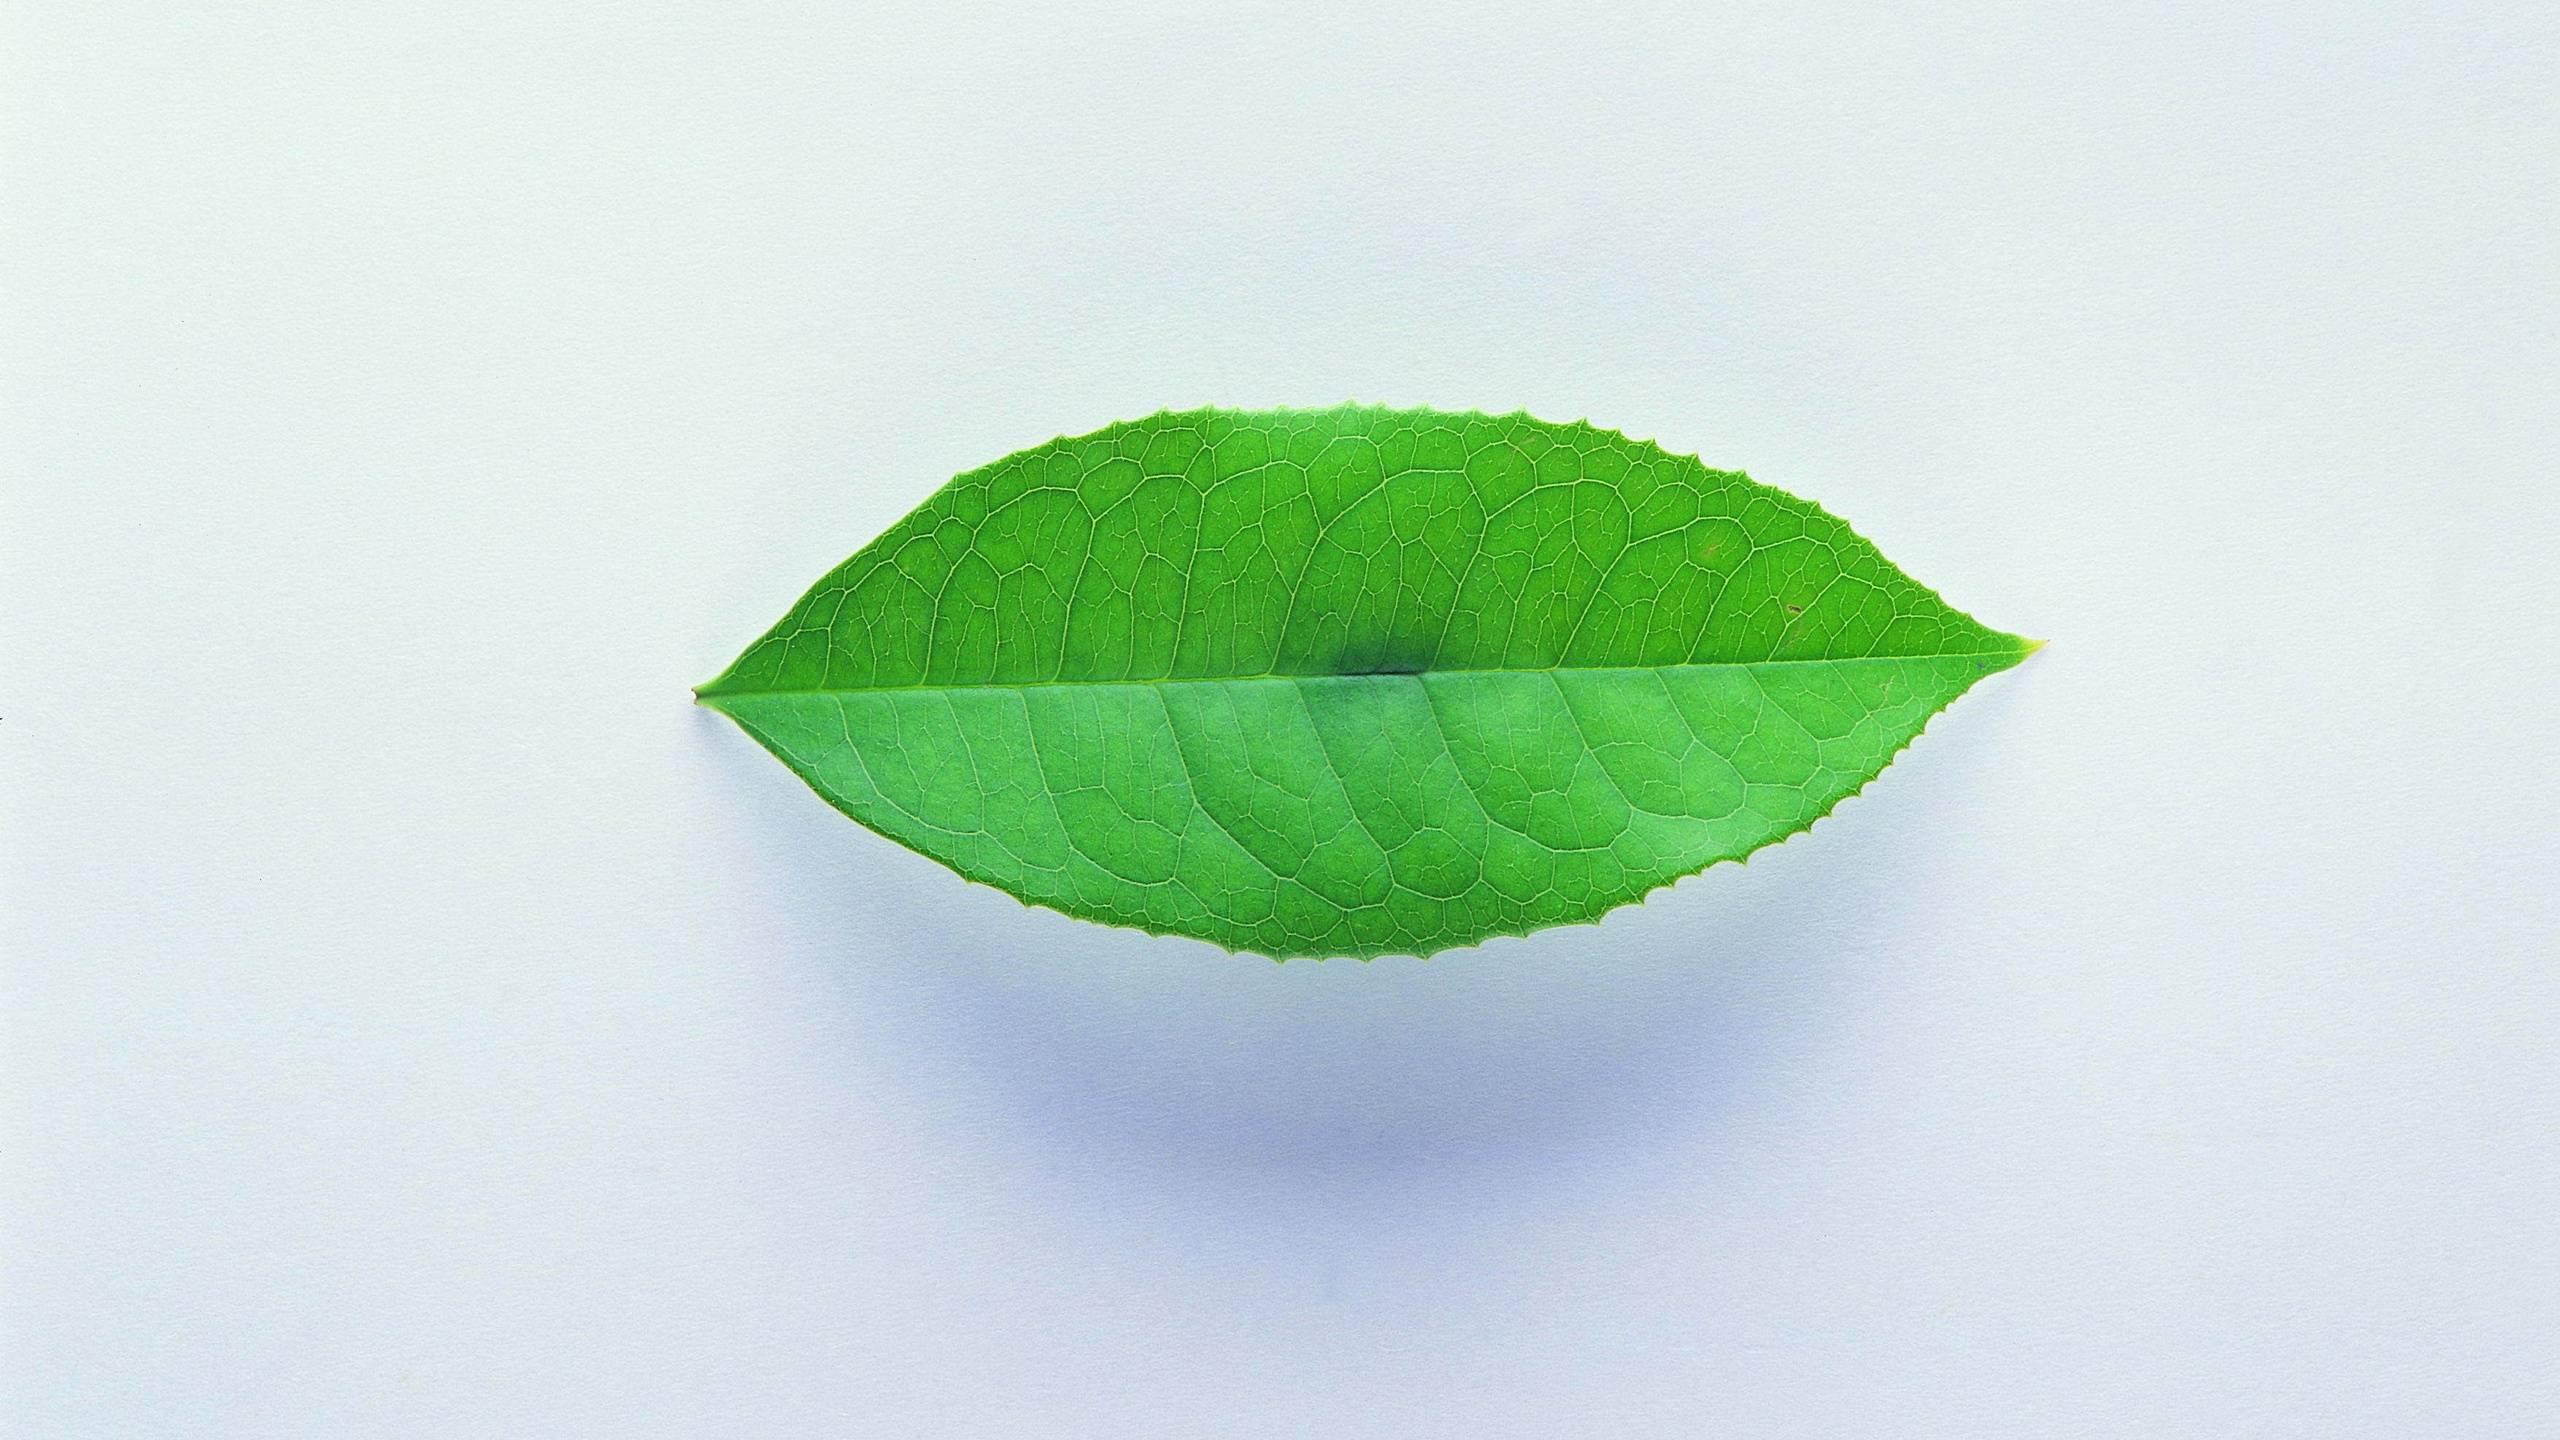 Обои лист, зеленый, прожилки, фон белый